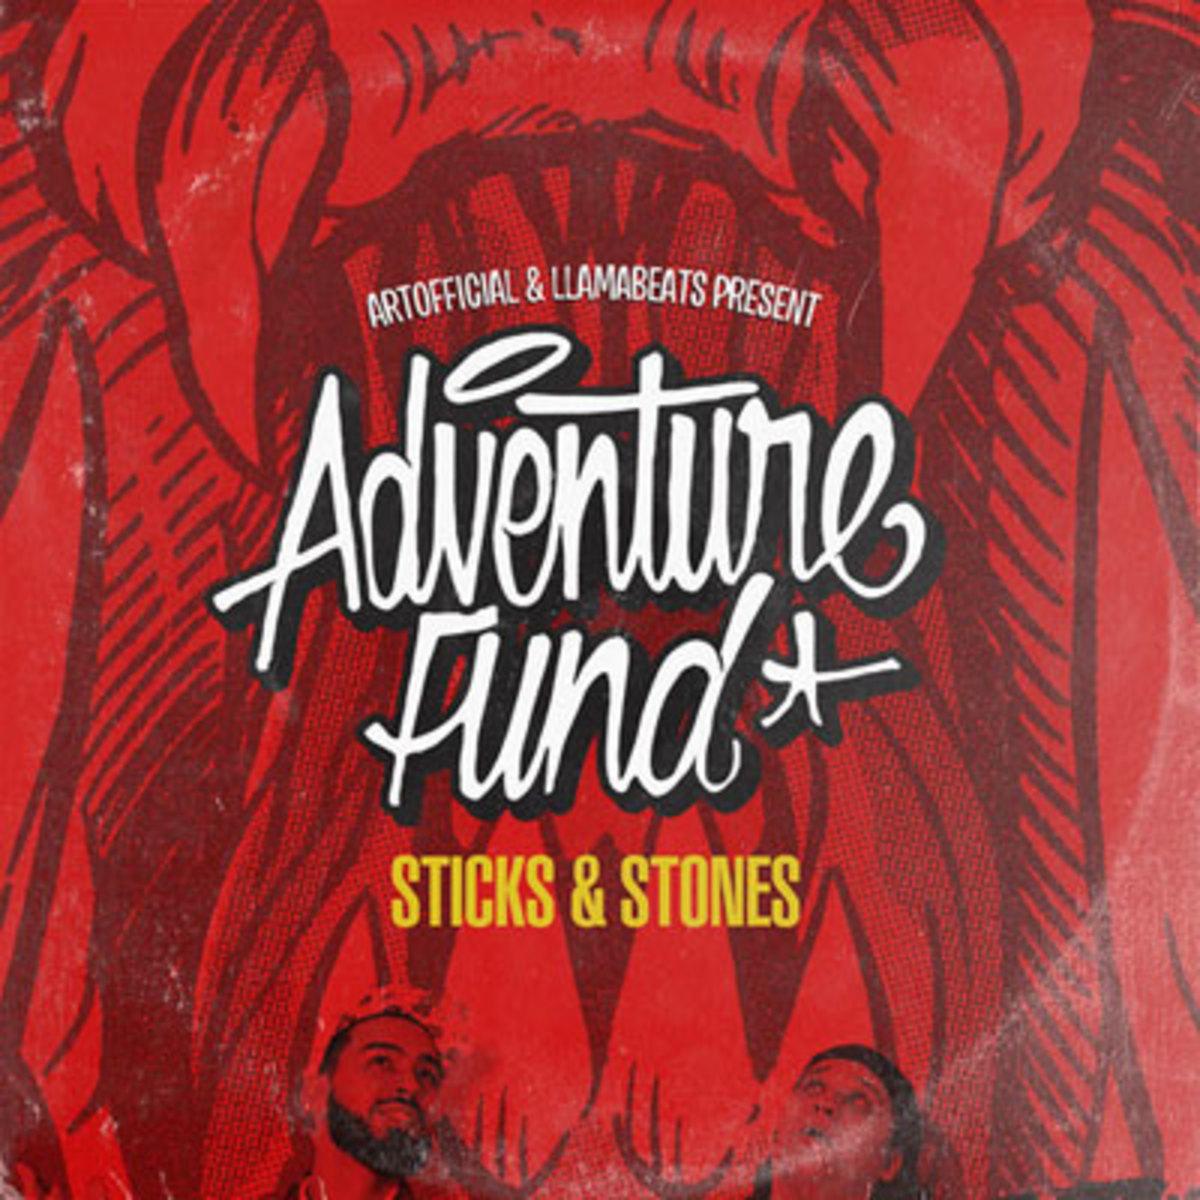 adventurefund-sticksstones.jpg